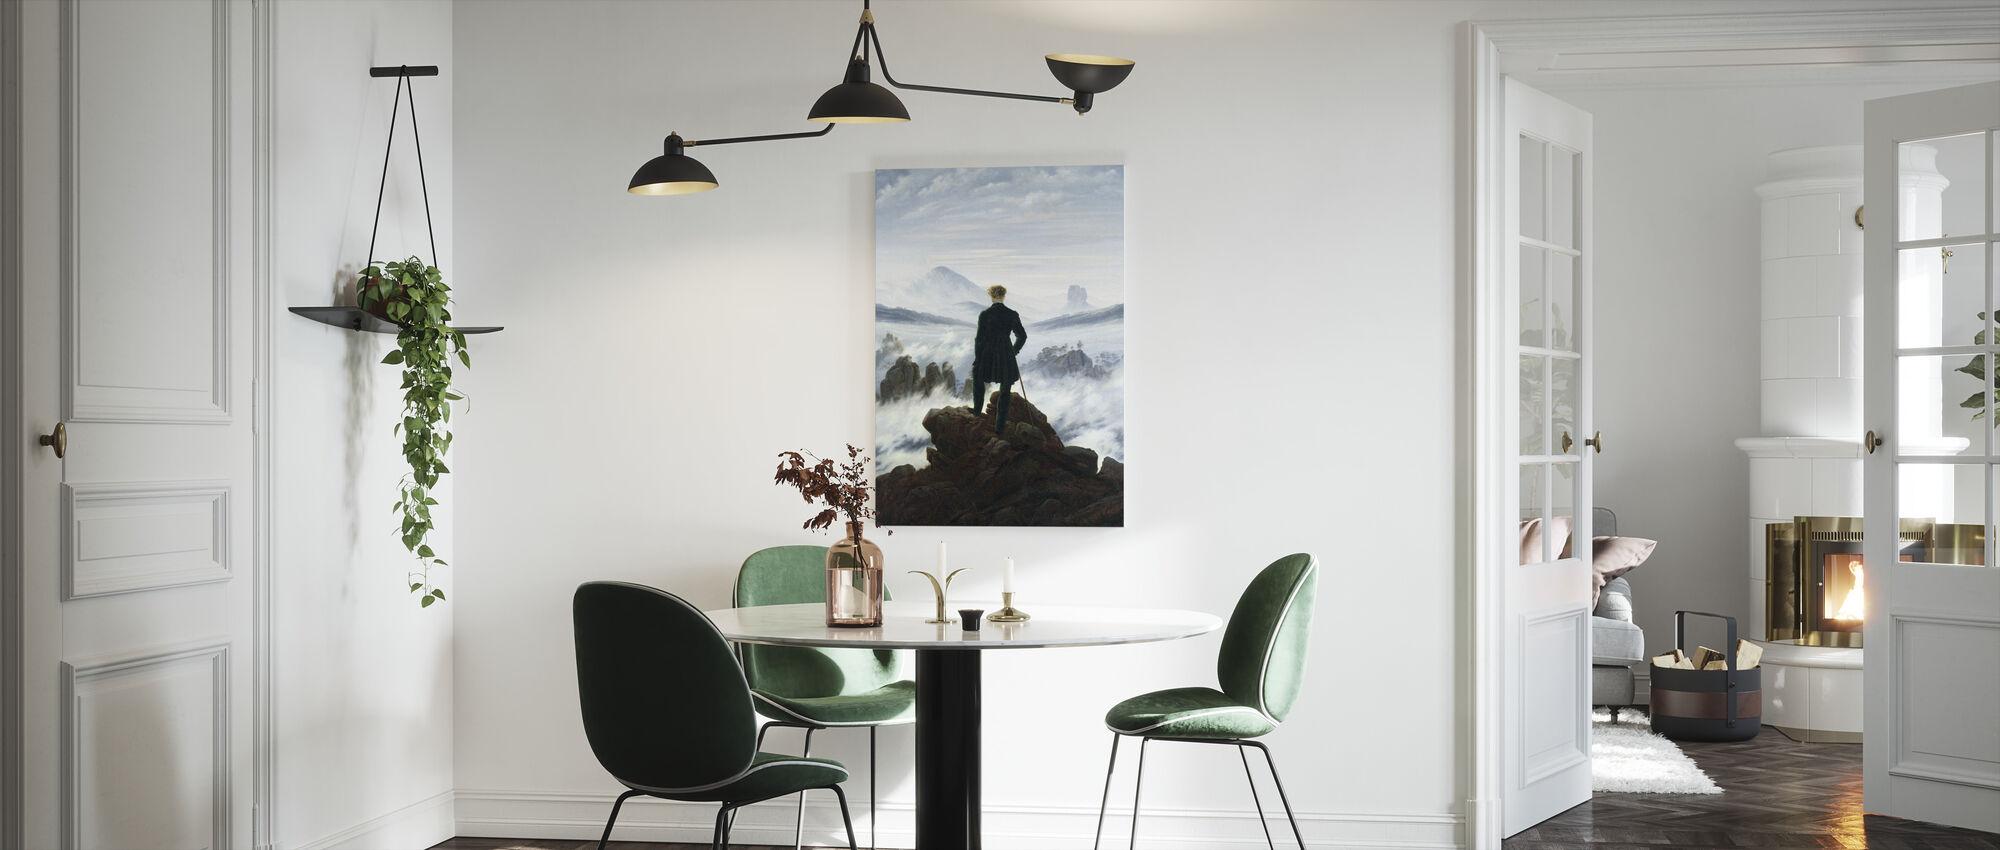 Vandrare ovanför dimman havet - Caspar Friedrich - Canvastavla - Kök